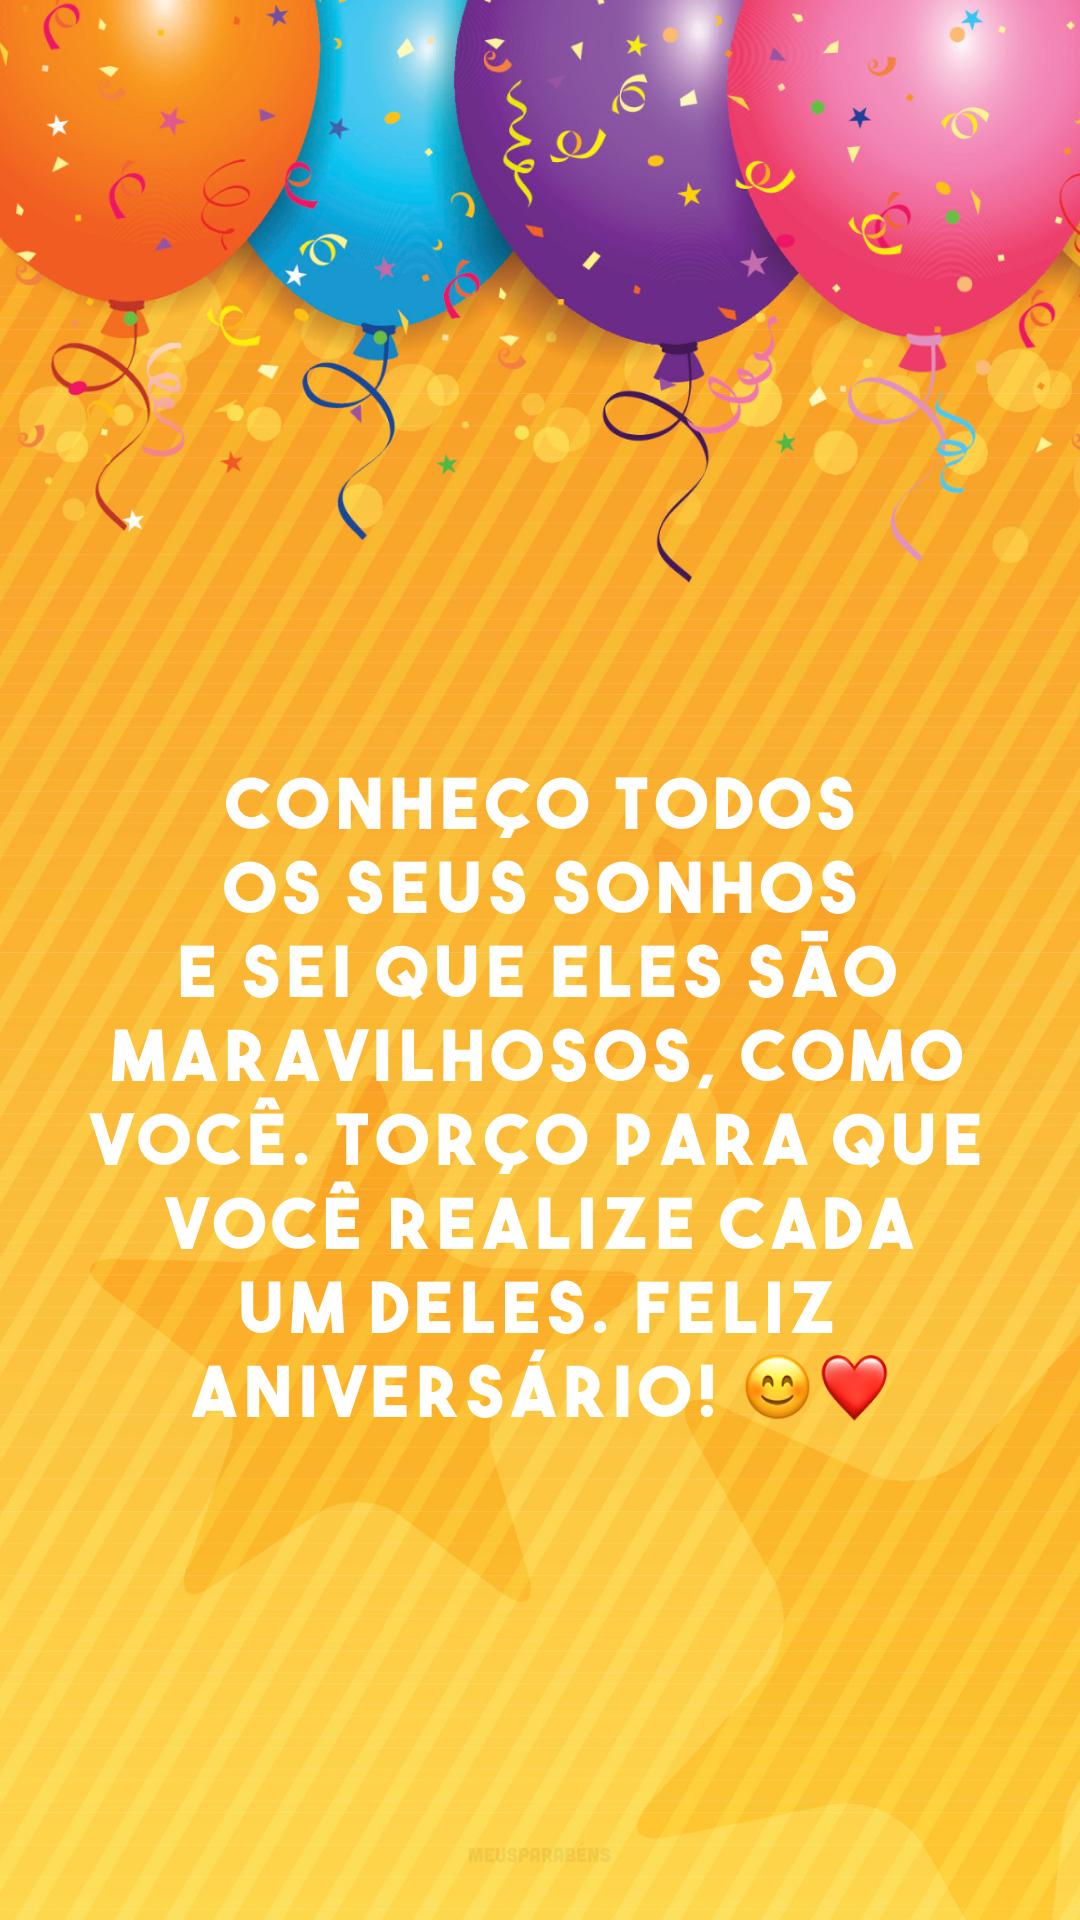 Conheço todos os seus sonhos e sei que eles são maravilhosos, como você. Torço para que você realize cada um deles. Feliz aniversário! ?❤